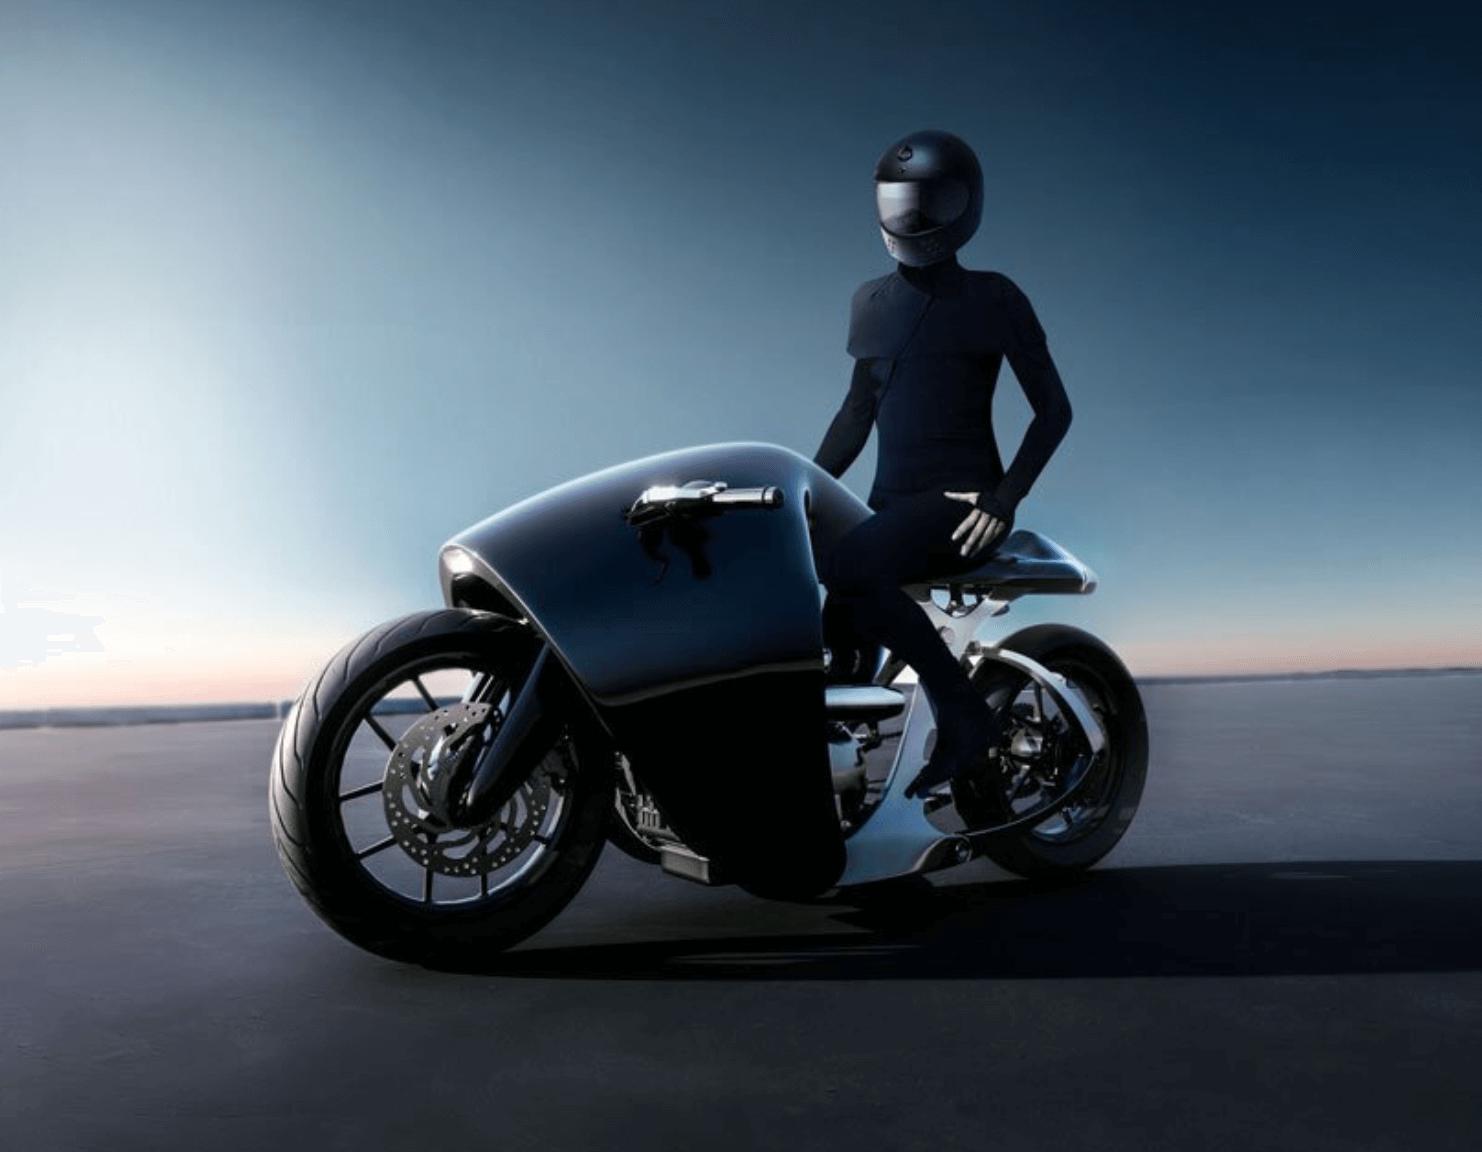 BANDIT9 SUPERMARINE MOTORSİKLET TASARIMI foto